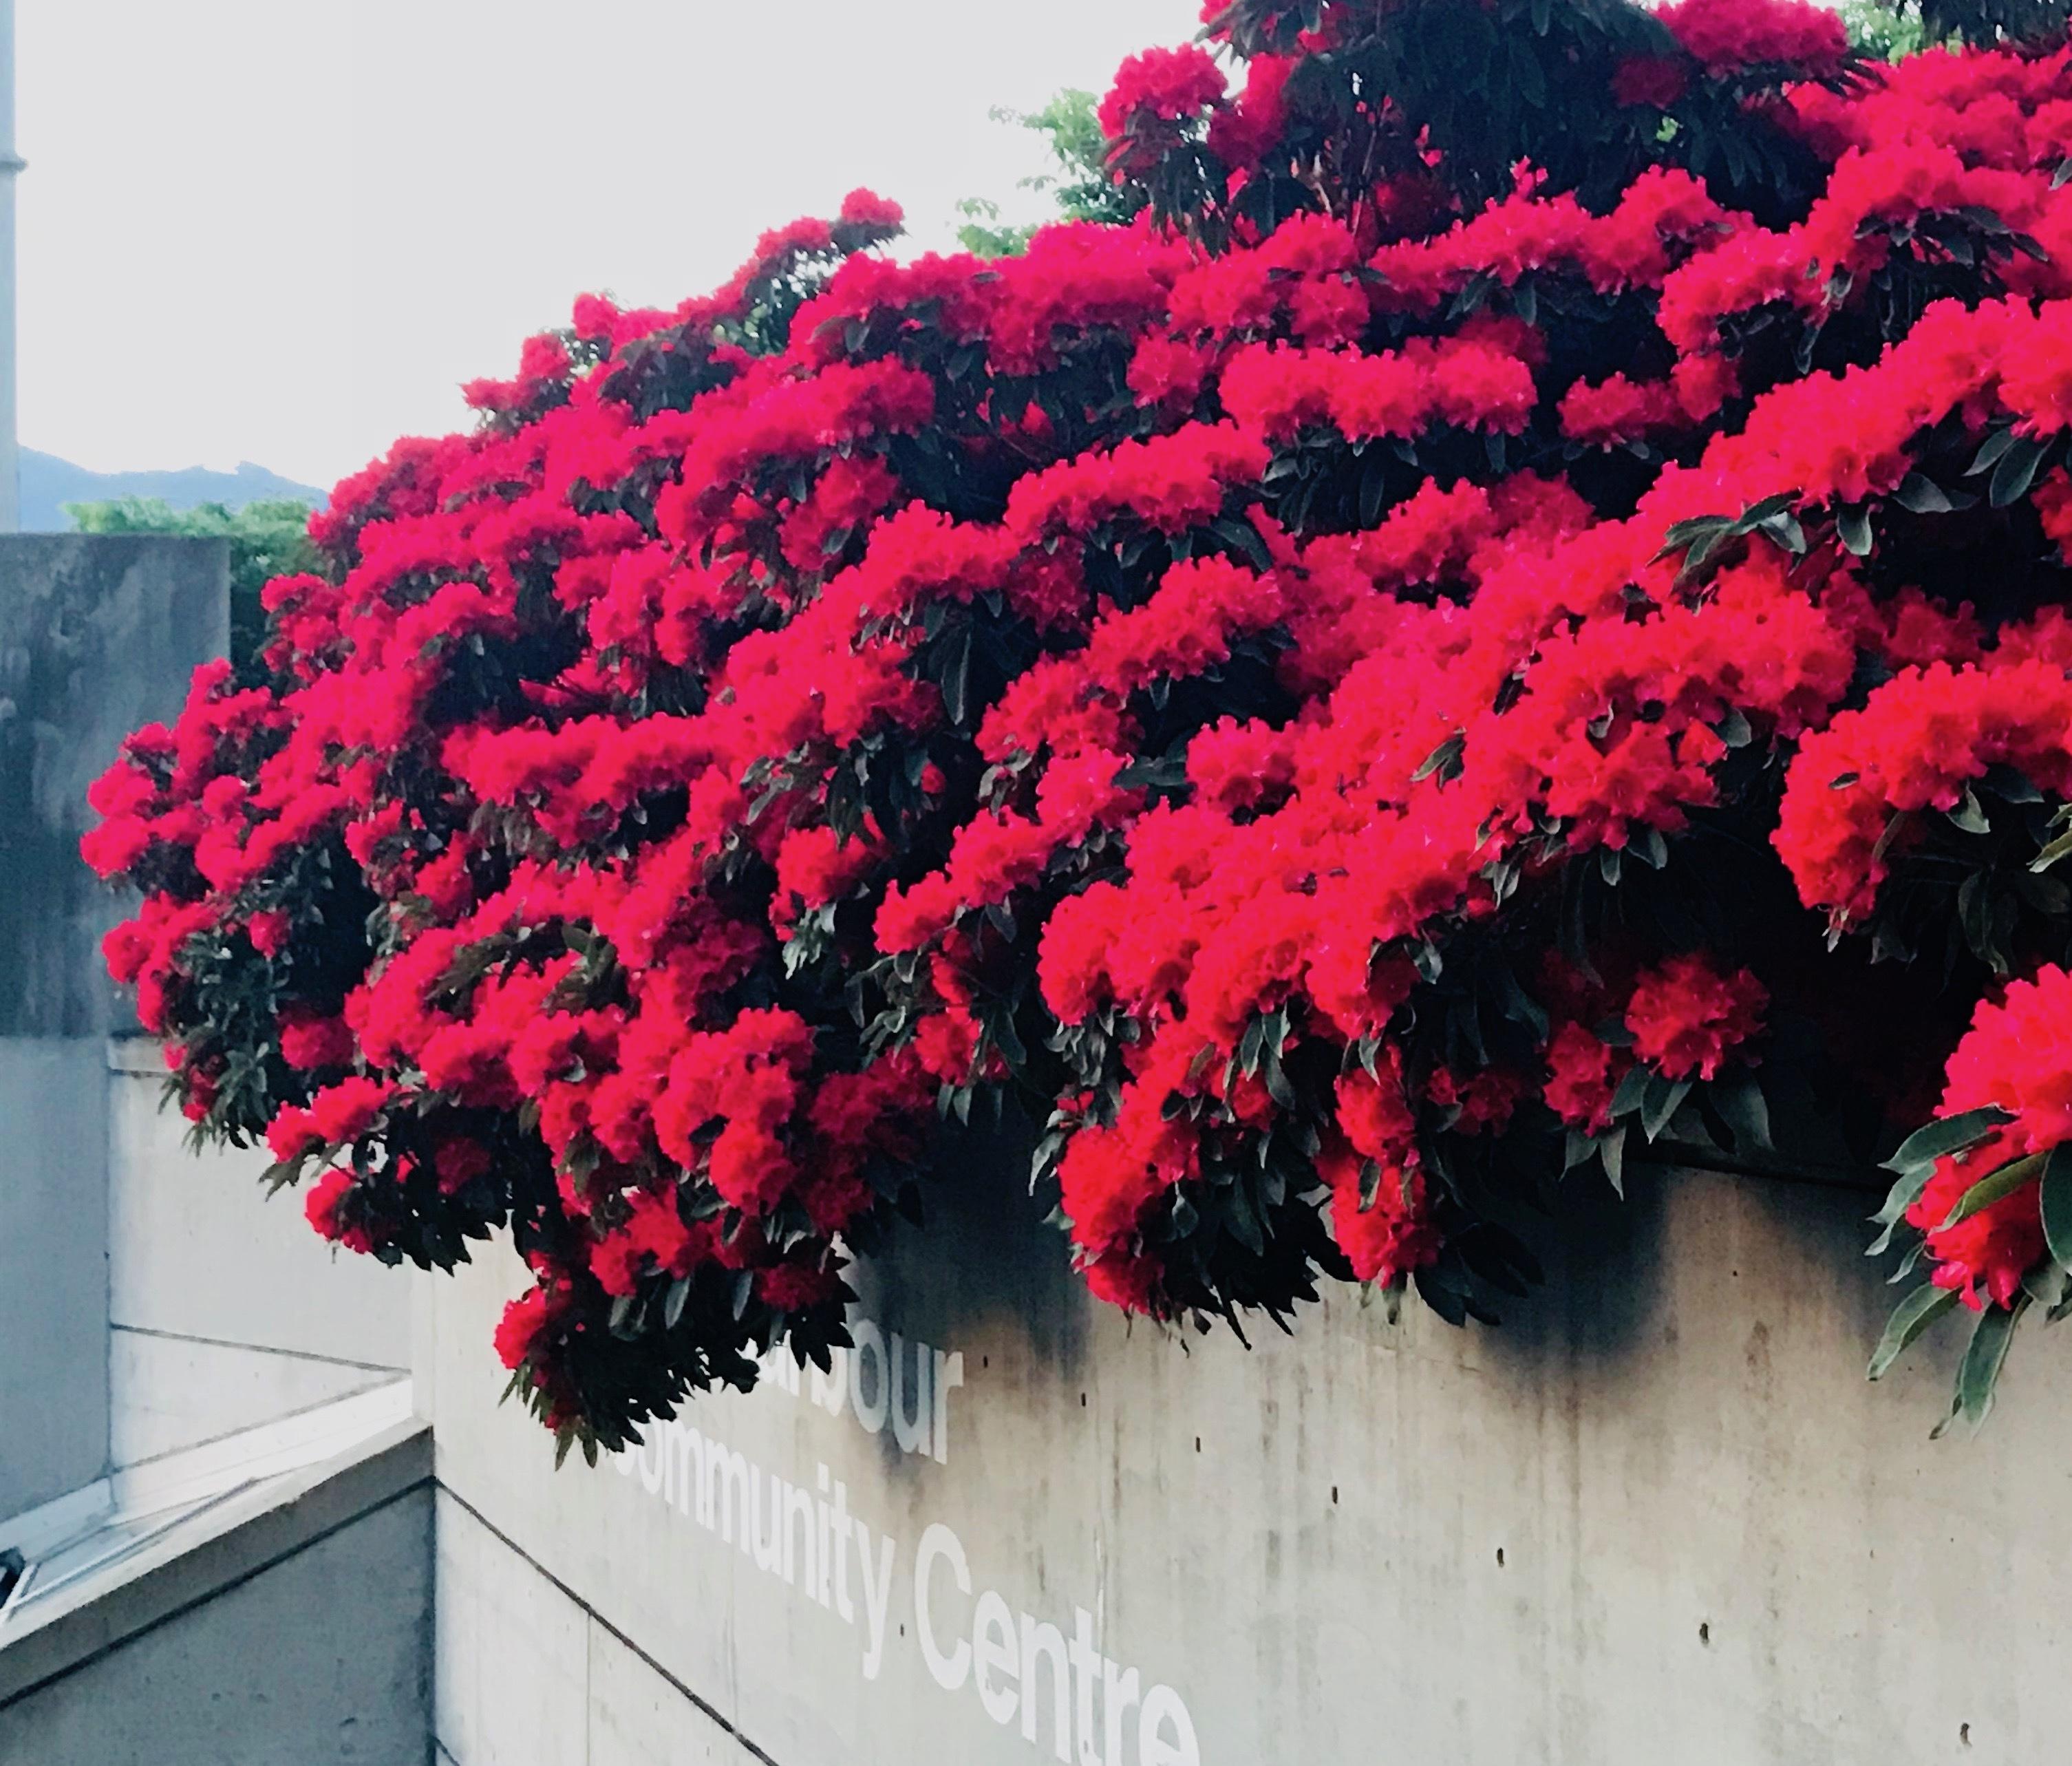 燃えるように真っ赤なツツジの花木です。